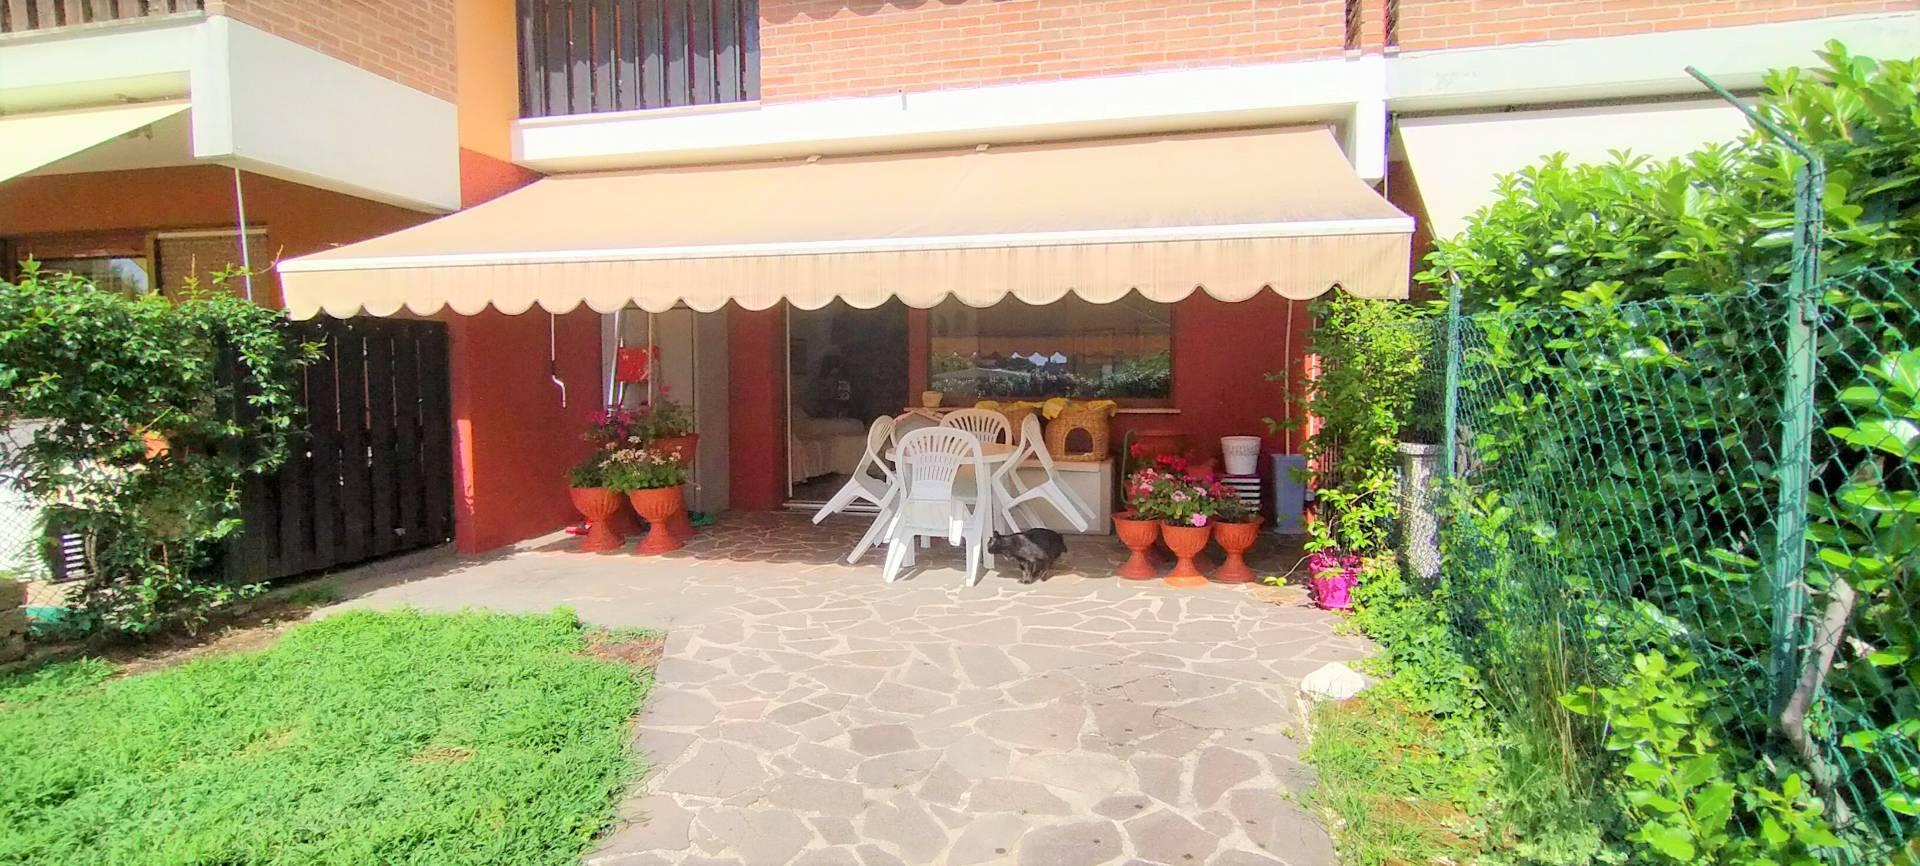 Villa a Schiera in vendita a Udine, 7 locali, zona Zona: Cussignacco, prezzo € 265.000   CambioCasa.it